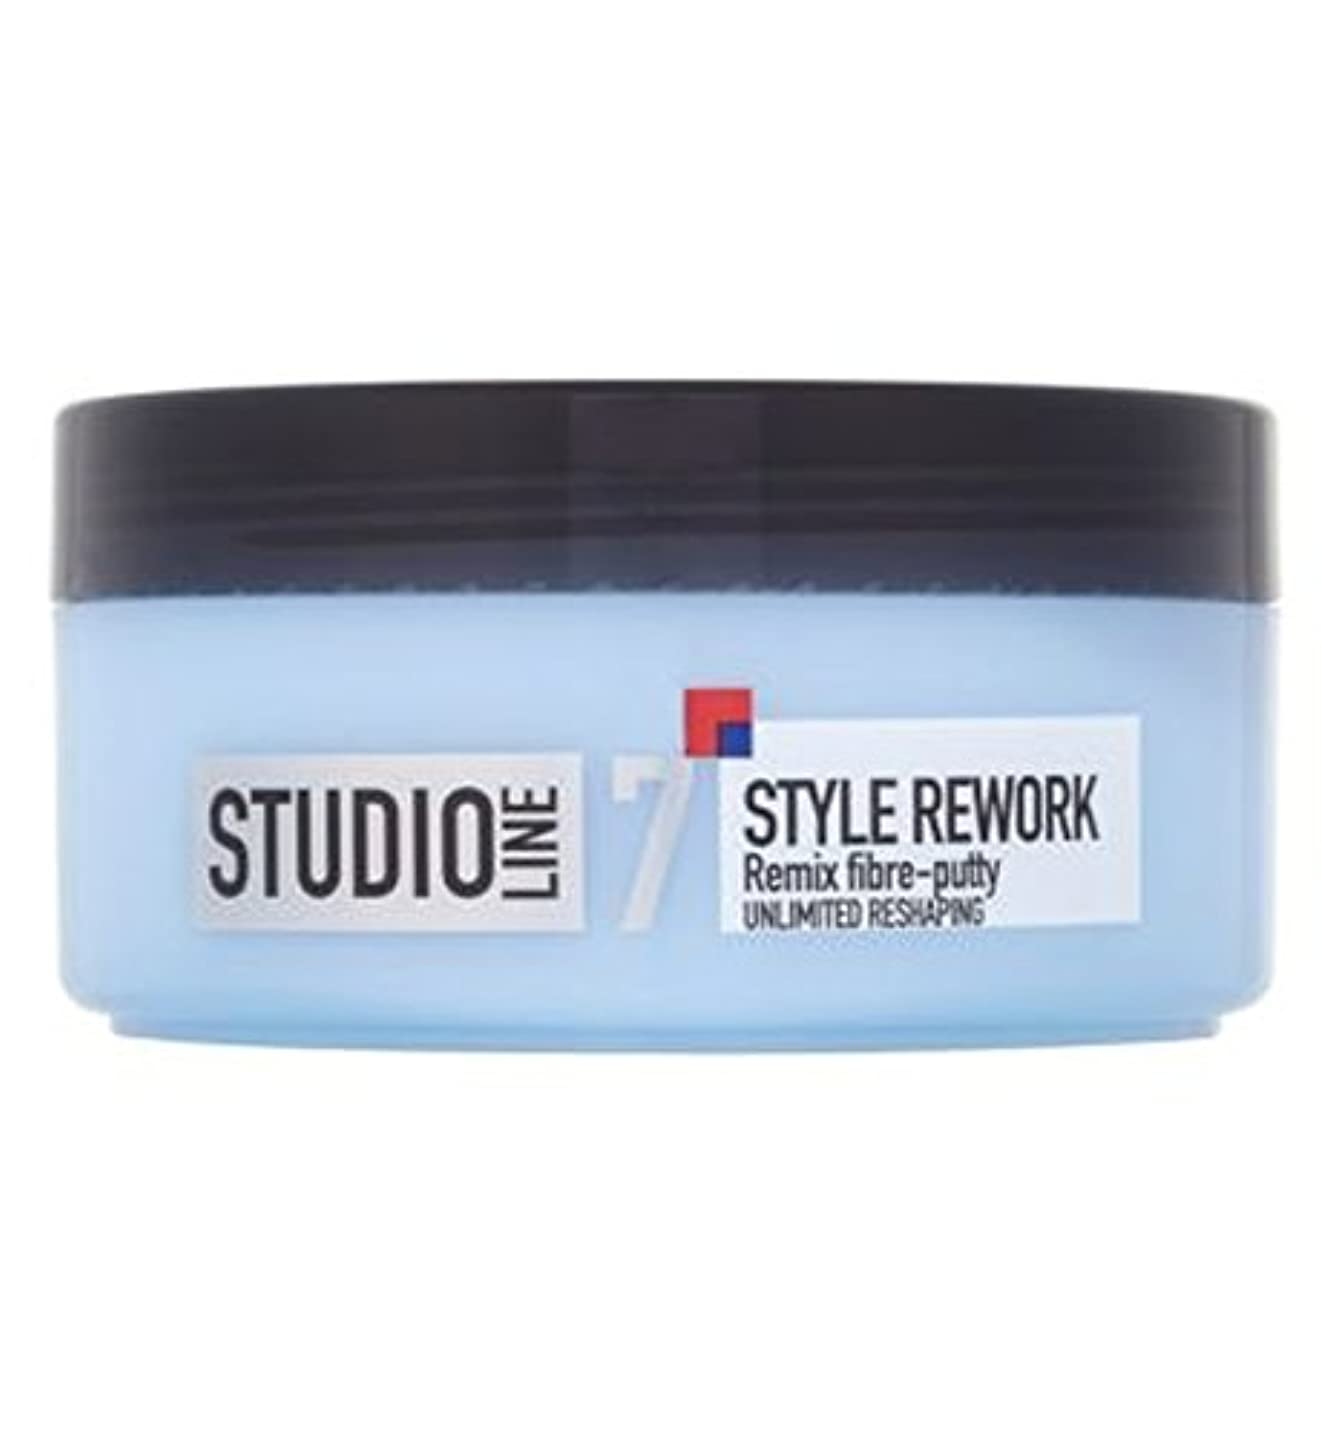 新年解釈ロードされたL'Oreallスタジオラインスタイルリワークリミックス繊維パテ150ミリリットル (L'Oreal) (x2) - L'Oreall Studio Line Style Rework Remix Fibre-Putty...